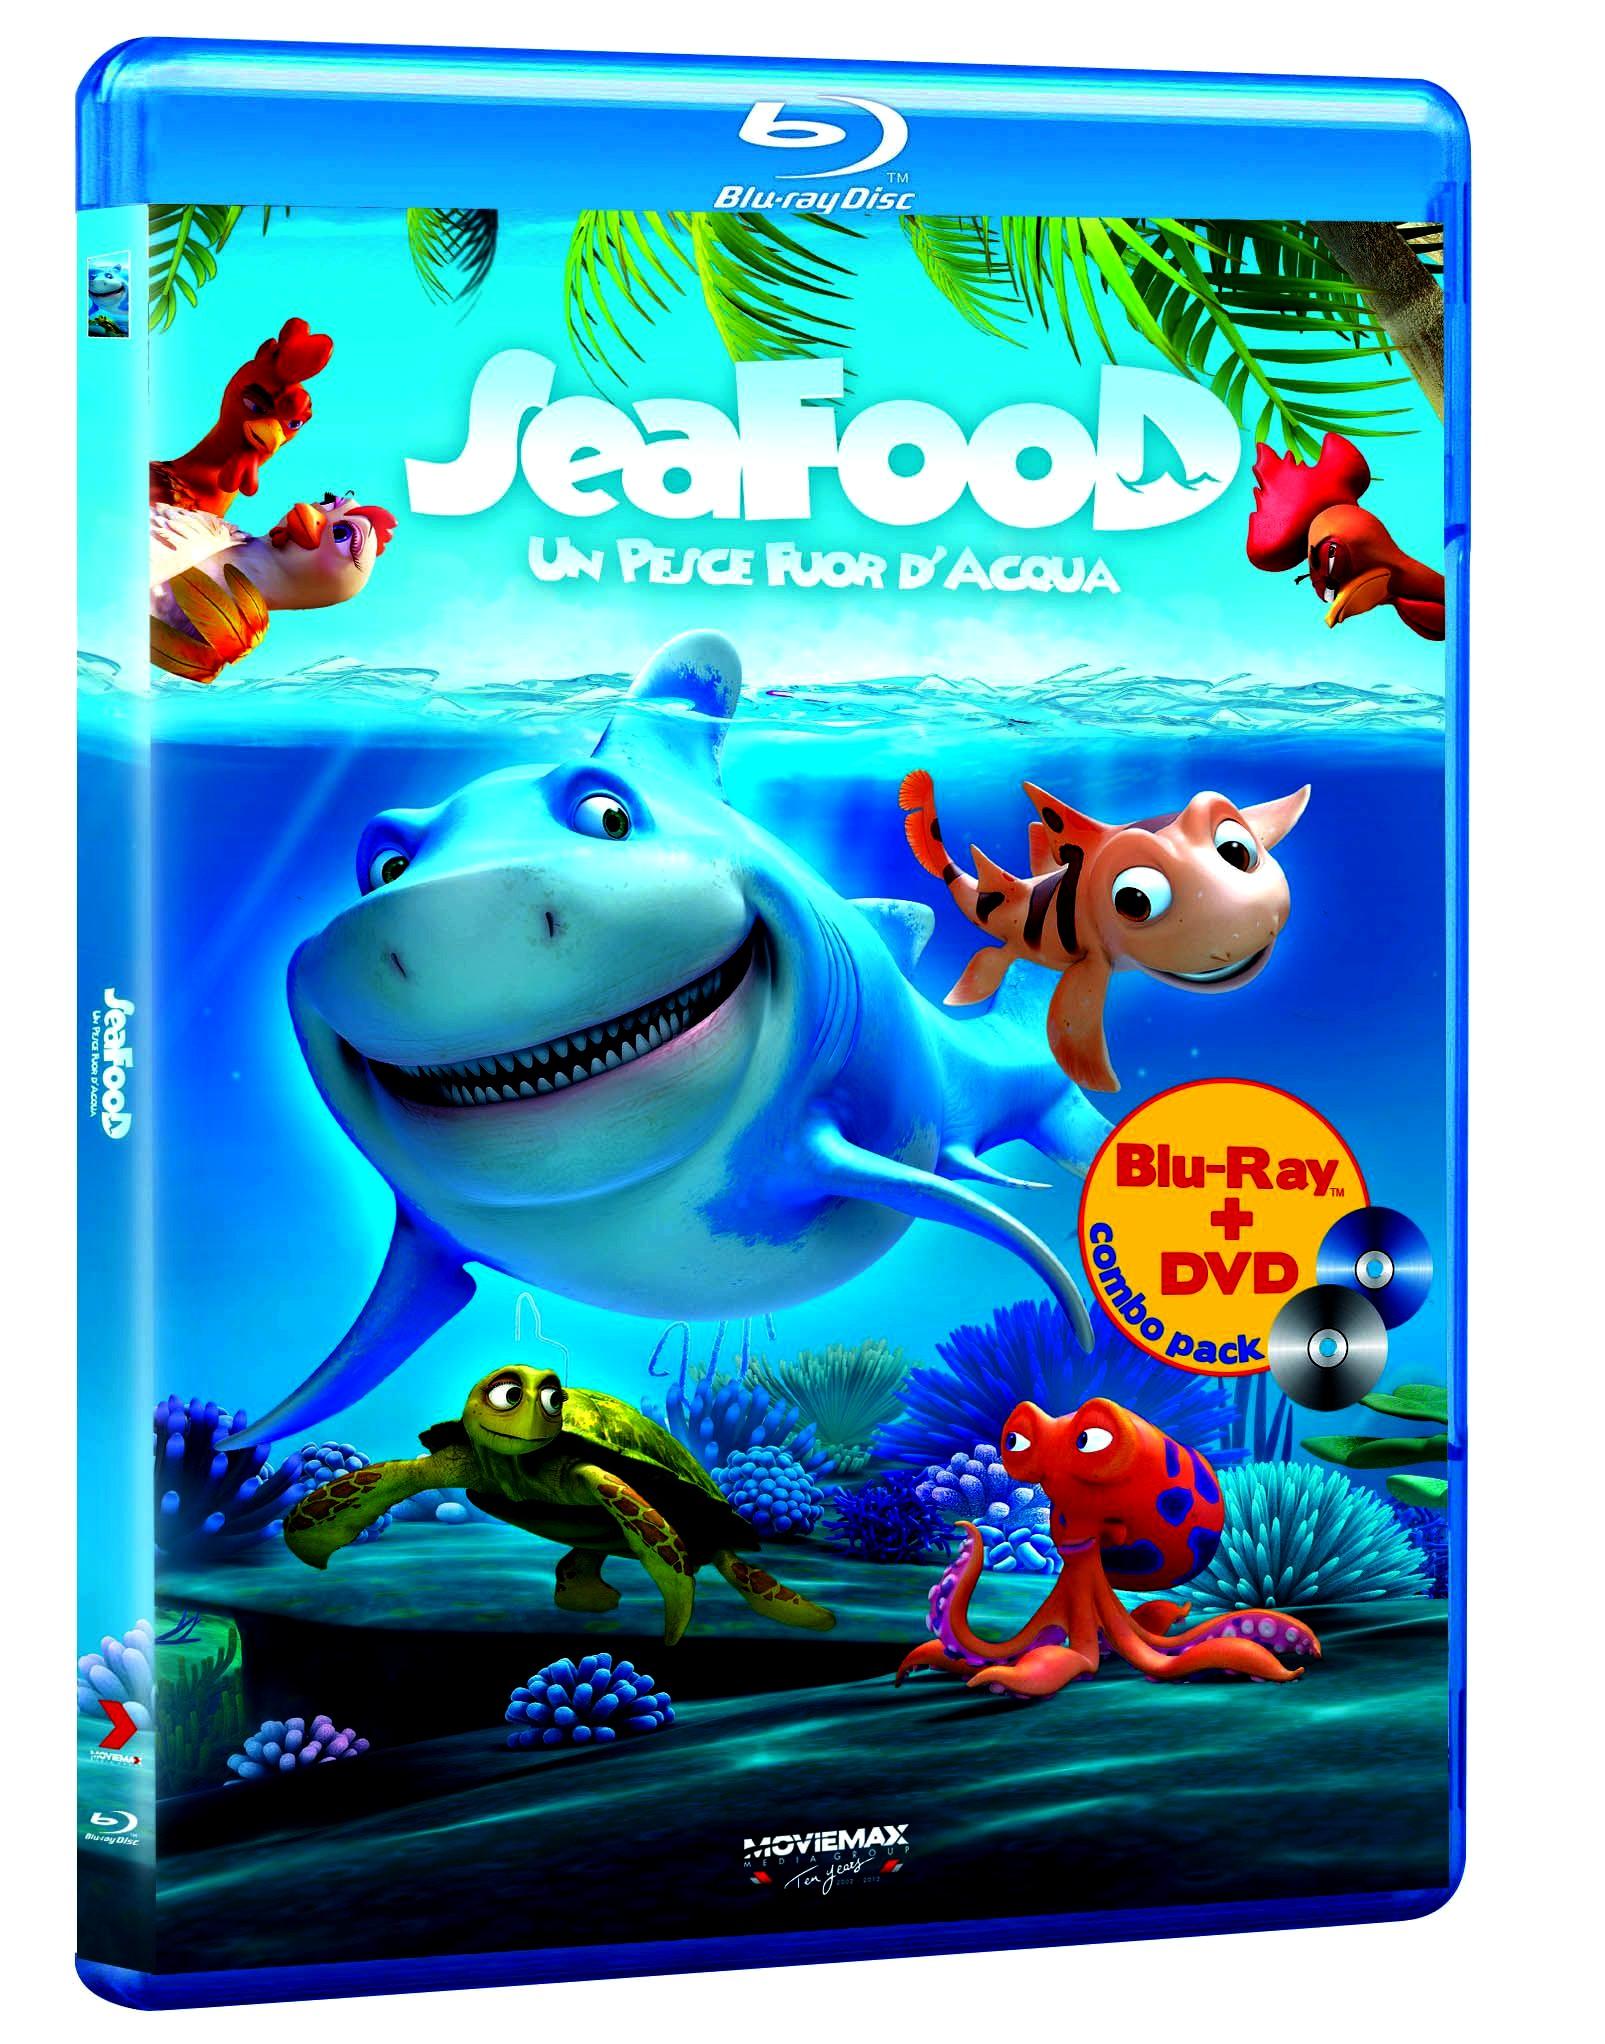 Seafood Blu-Ray